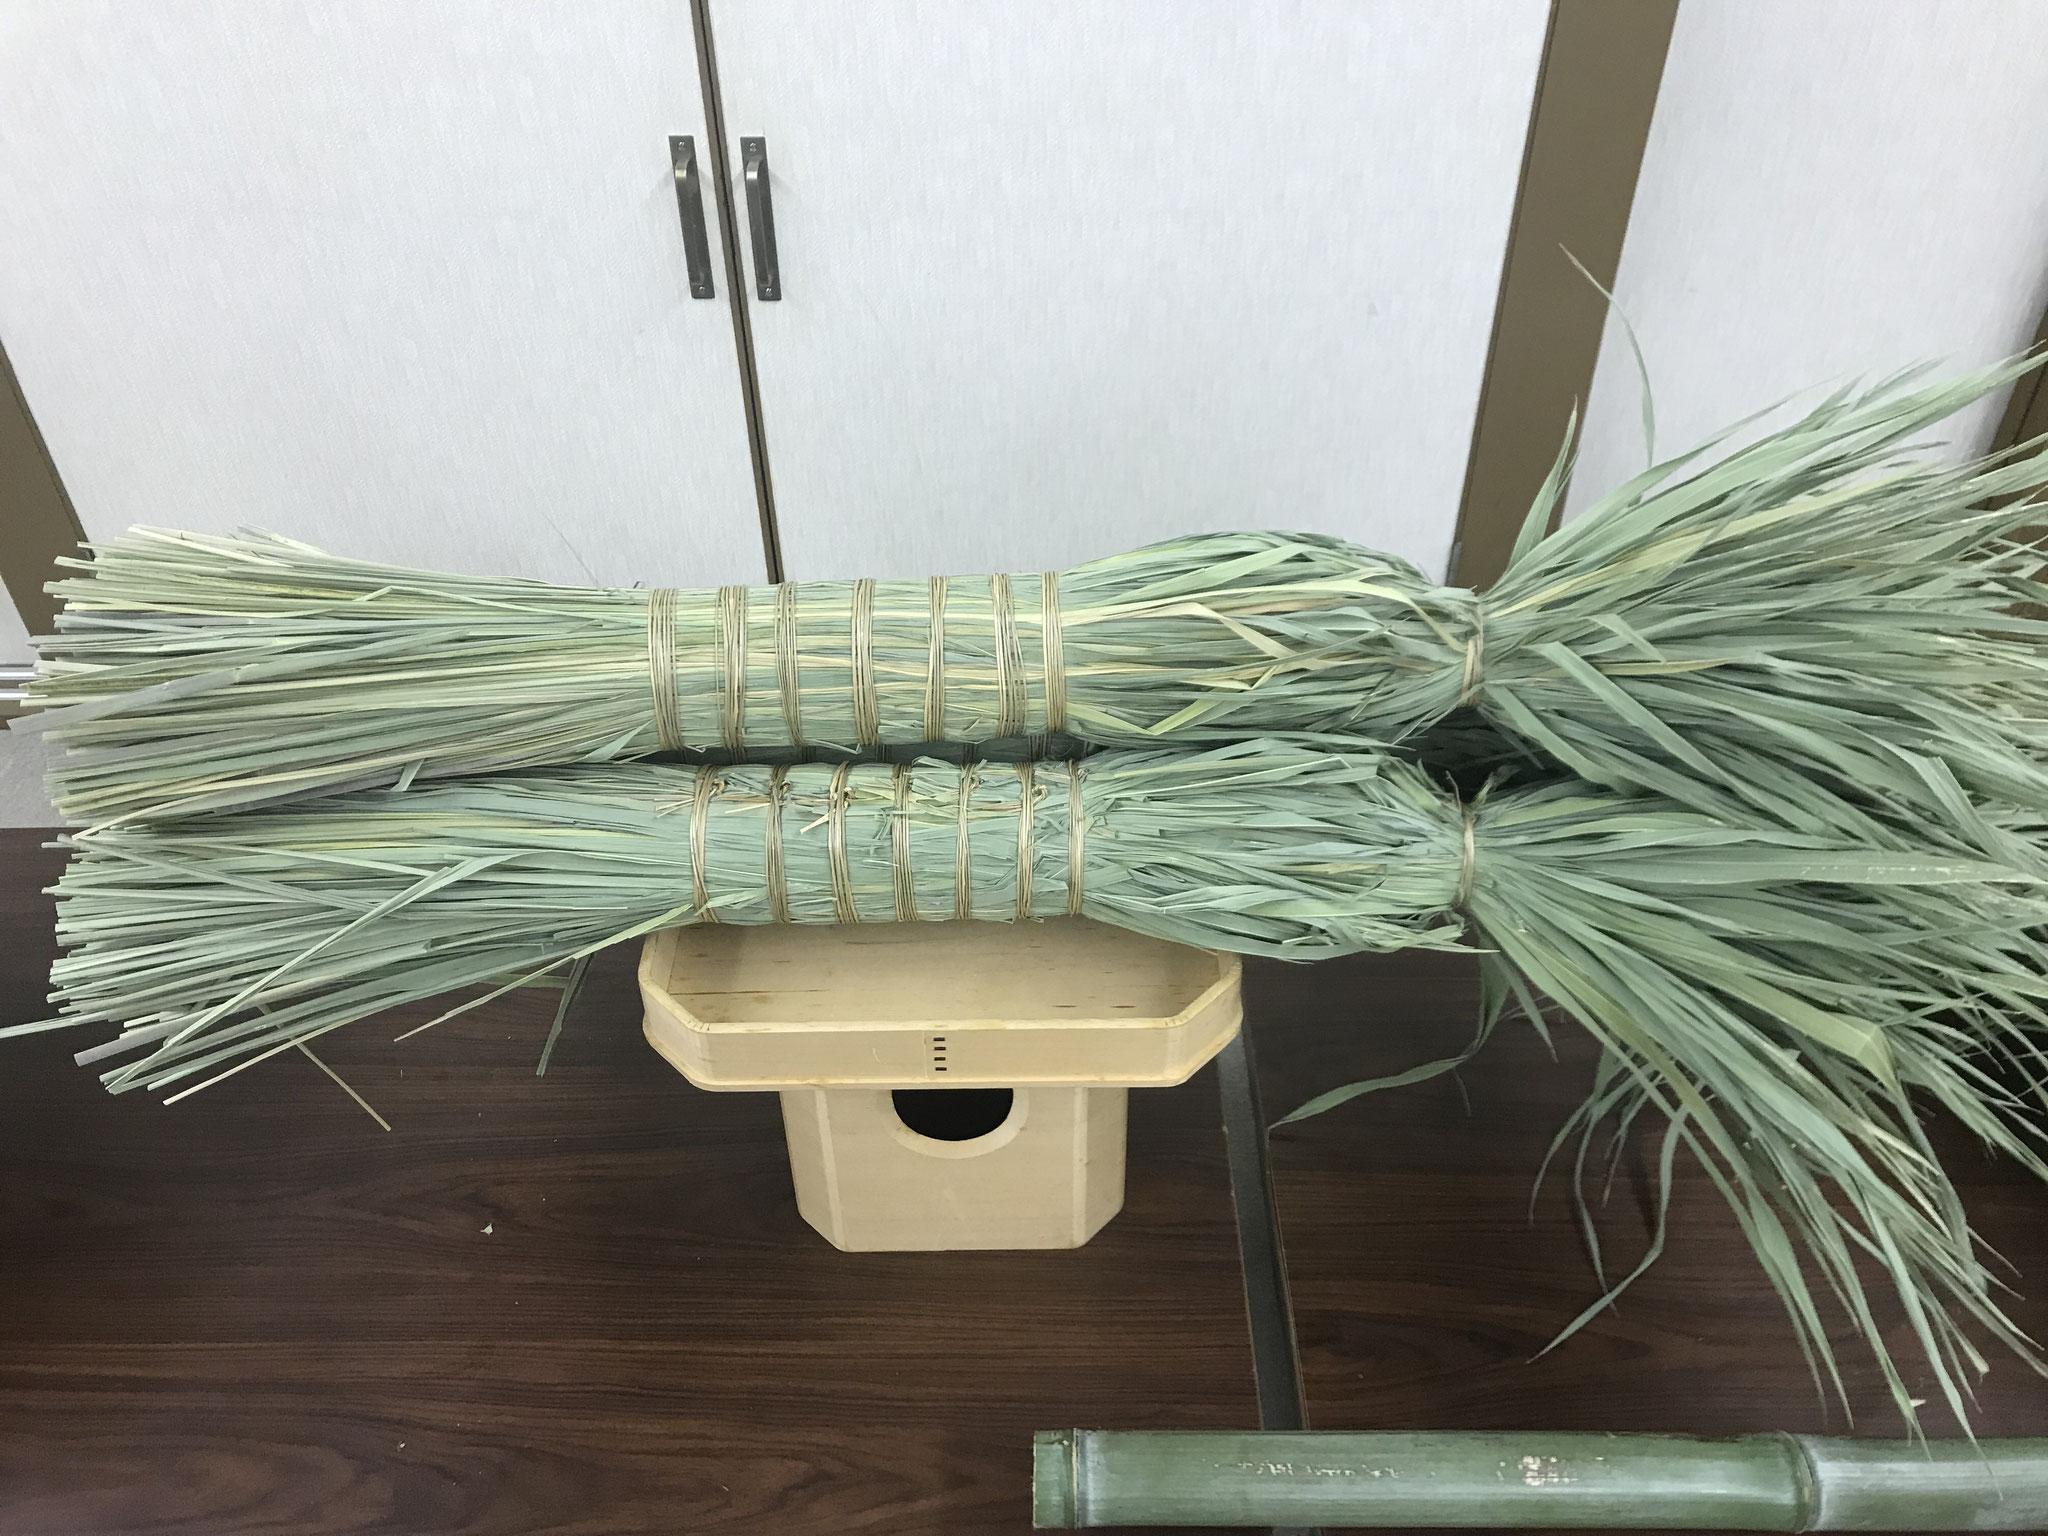 ジャンボちまき(全長約1m)